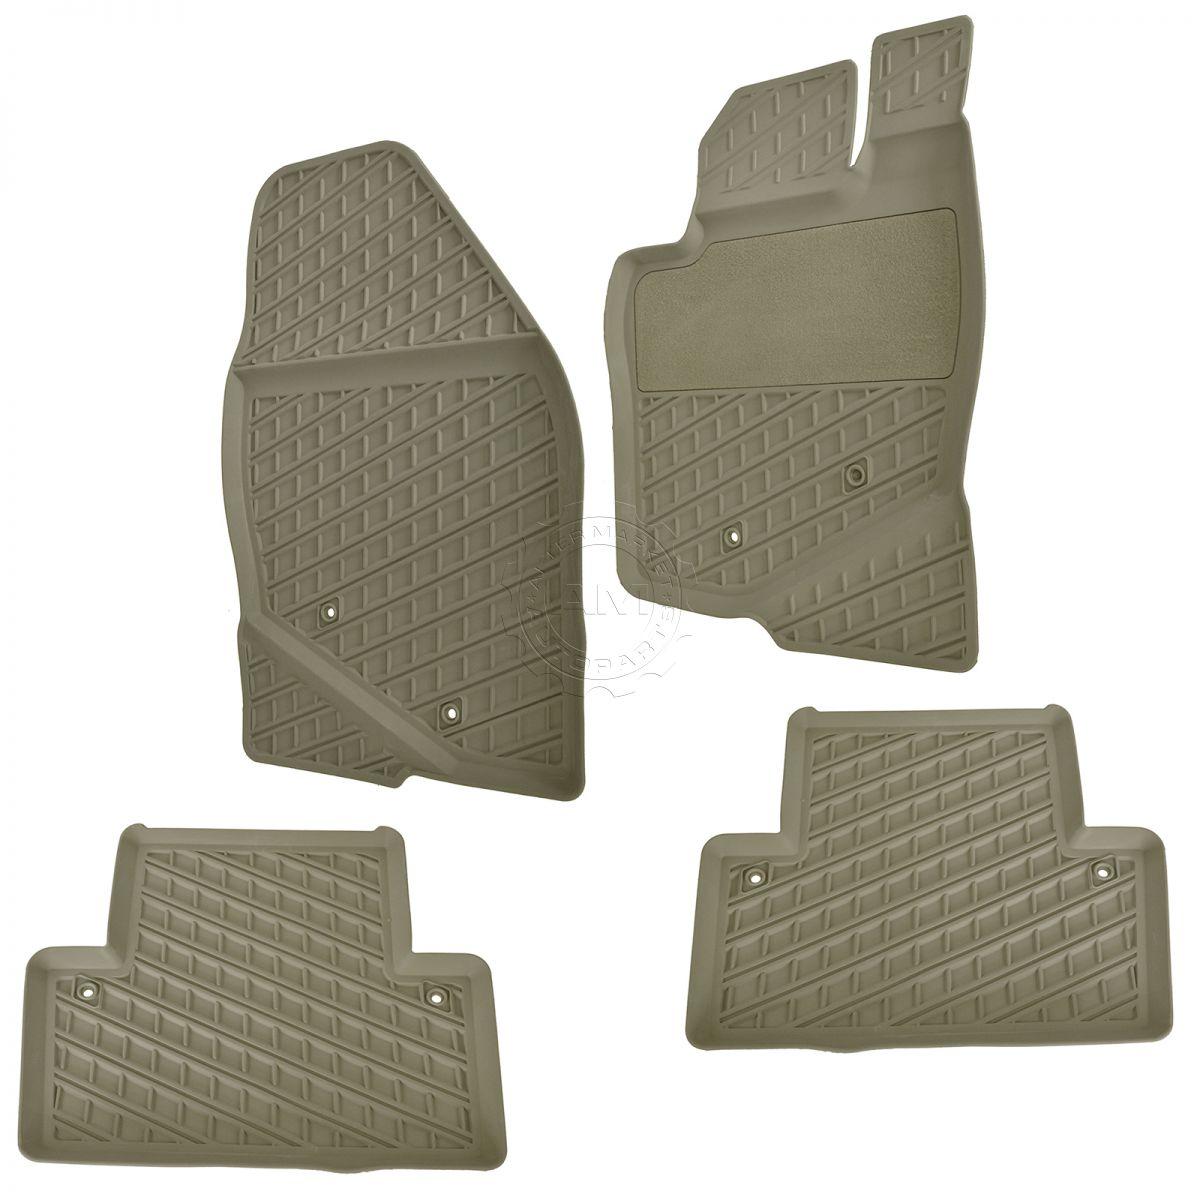 Volvo Floor Mats S60: OEM 39891793 Al Weather Floor Mat Kit Set Of 4 Beige For